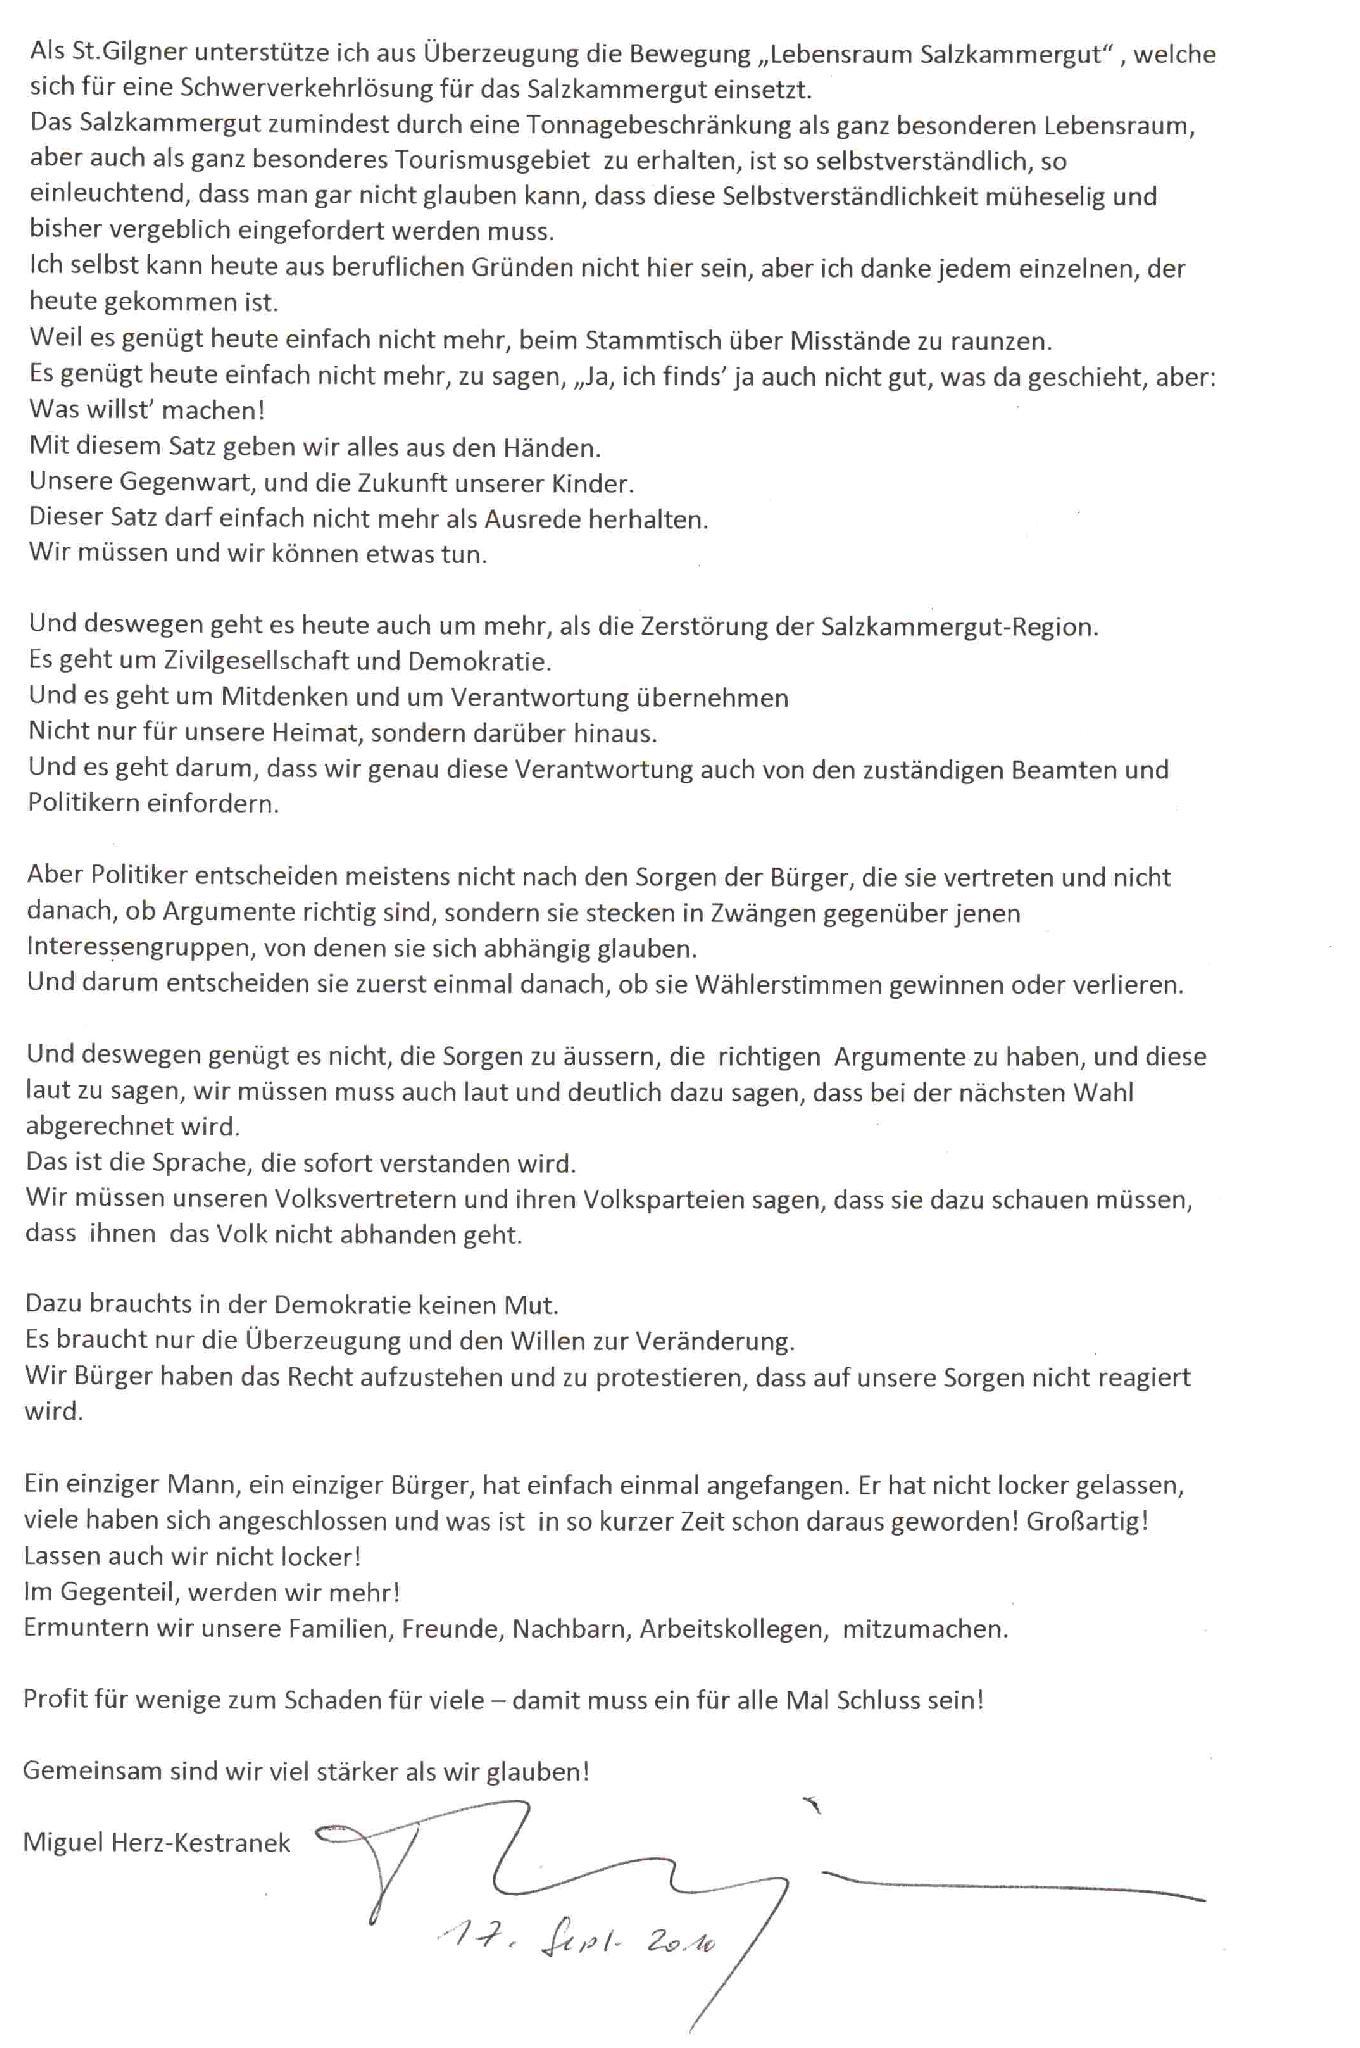 Botschaft von Miguel Herz-Kestranek an die Bewohner des Salzkammergutes